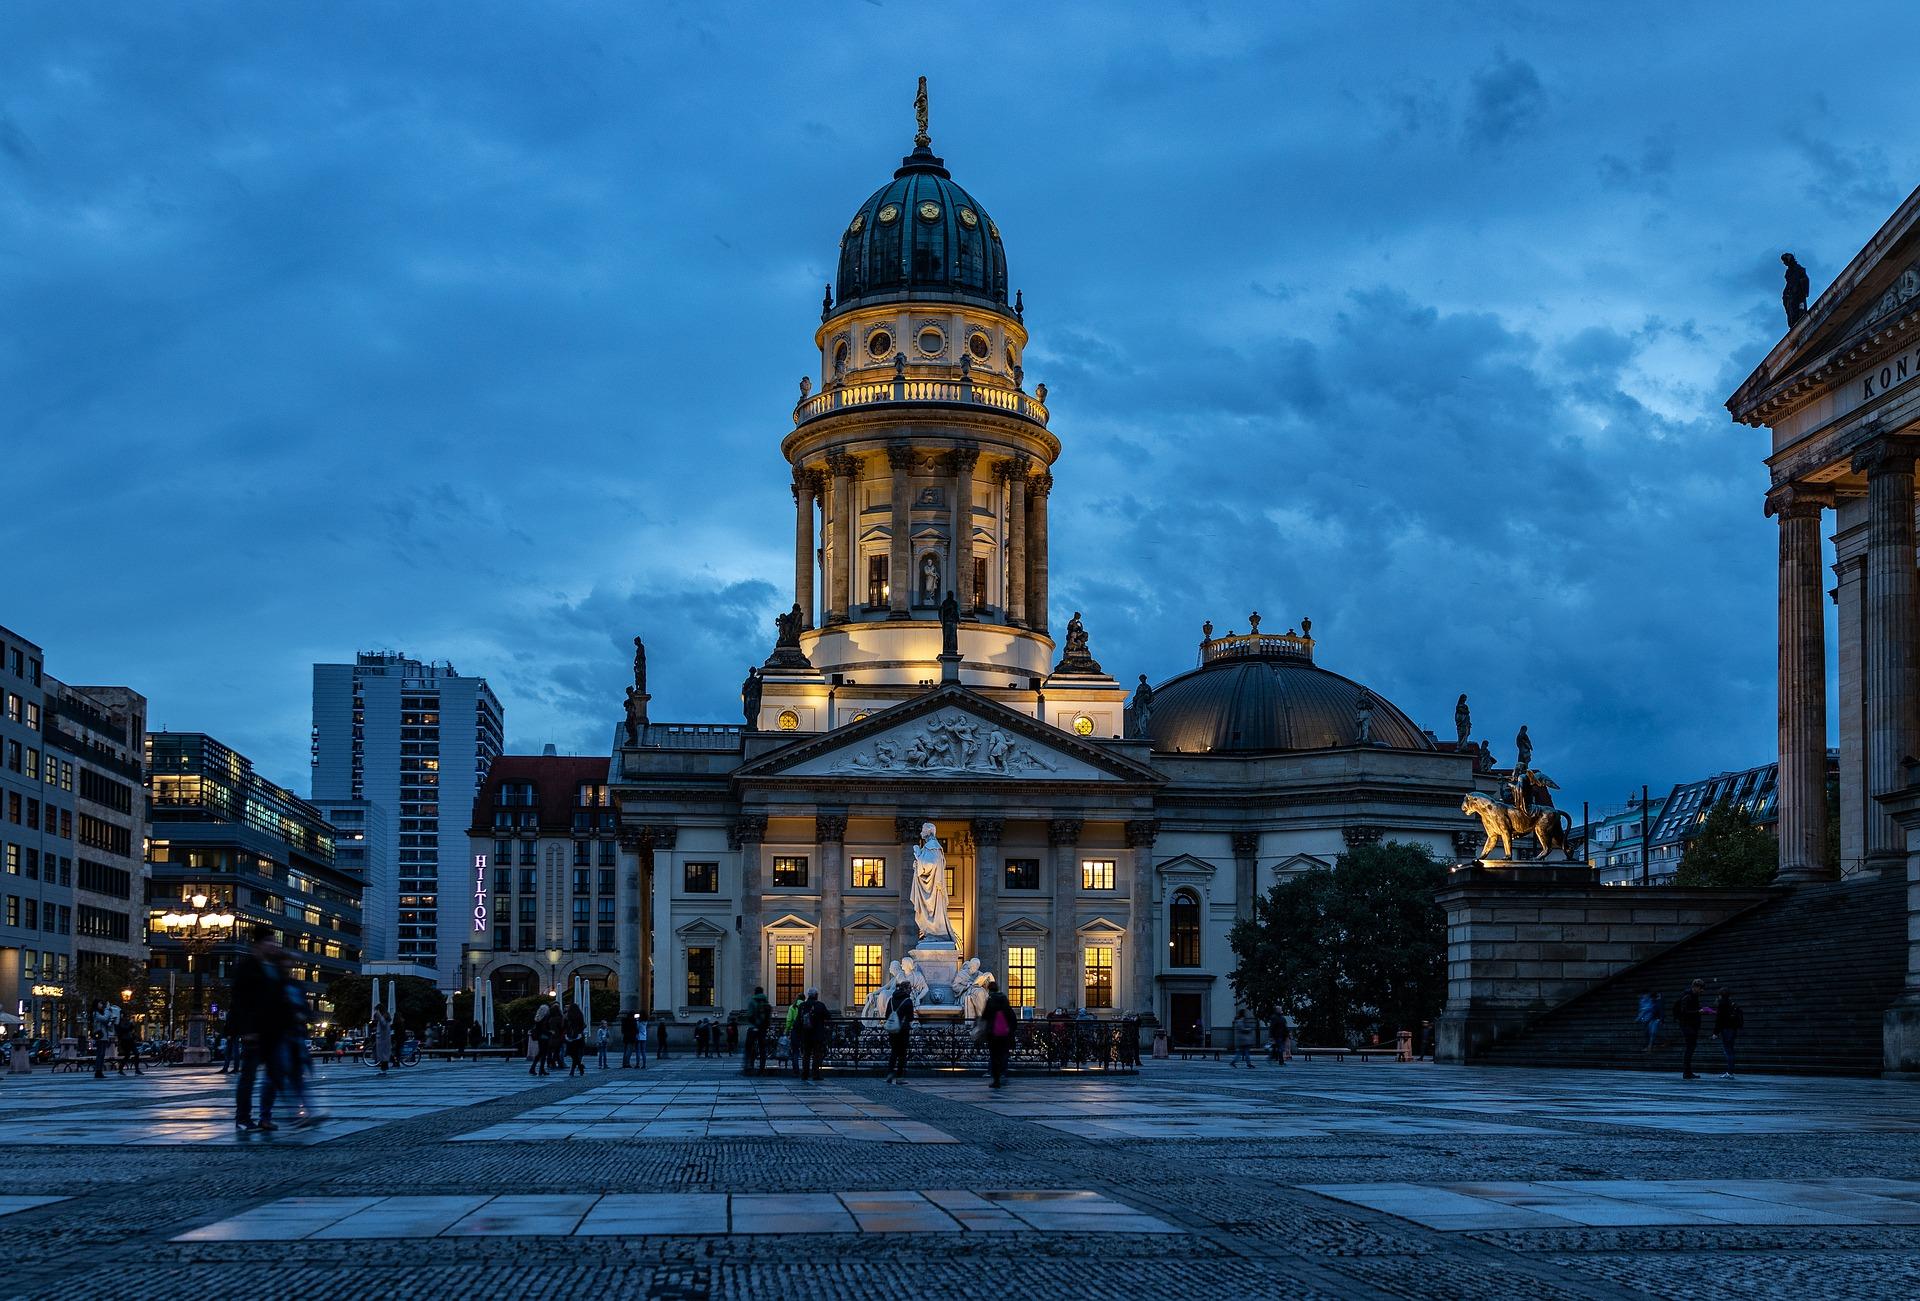 Berlin ist vor allem deshalb als Destination so beliebt, weil es so facettenreich ist.